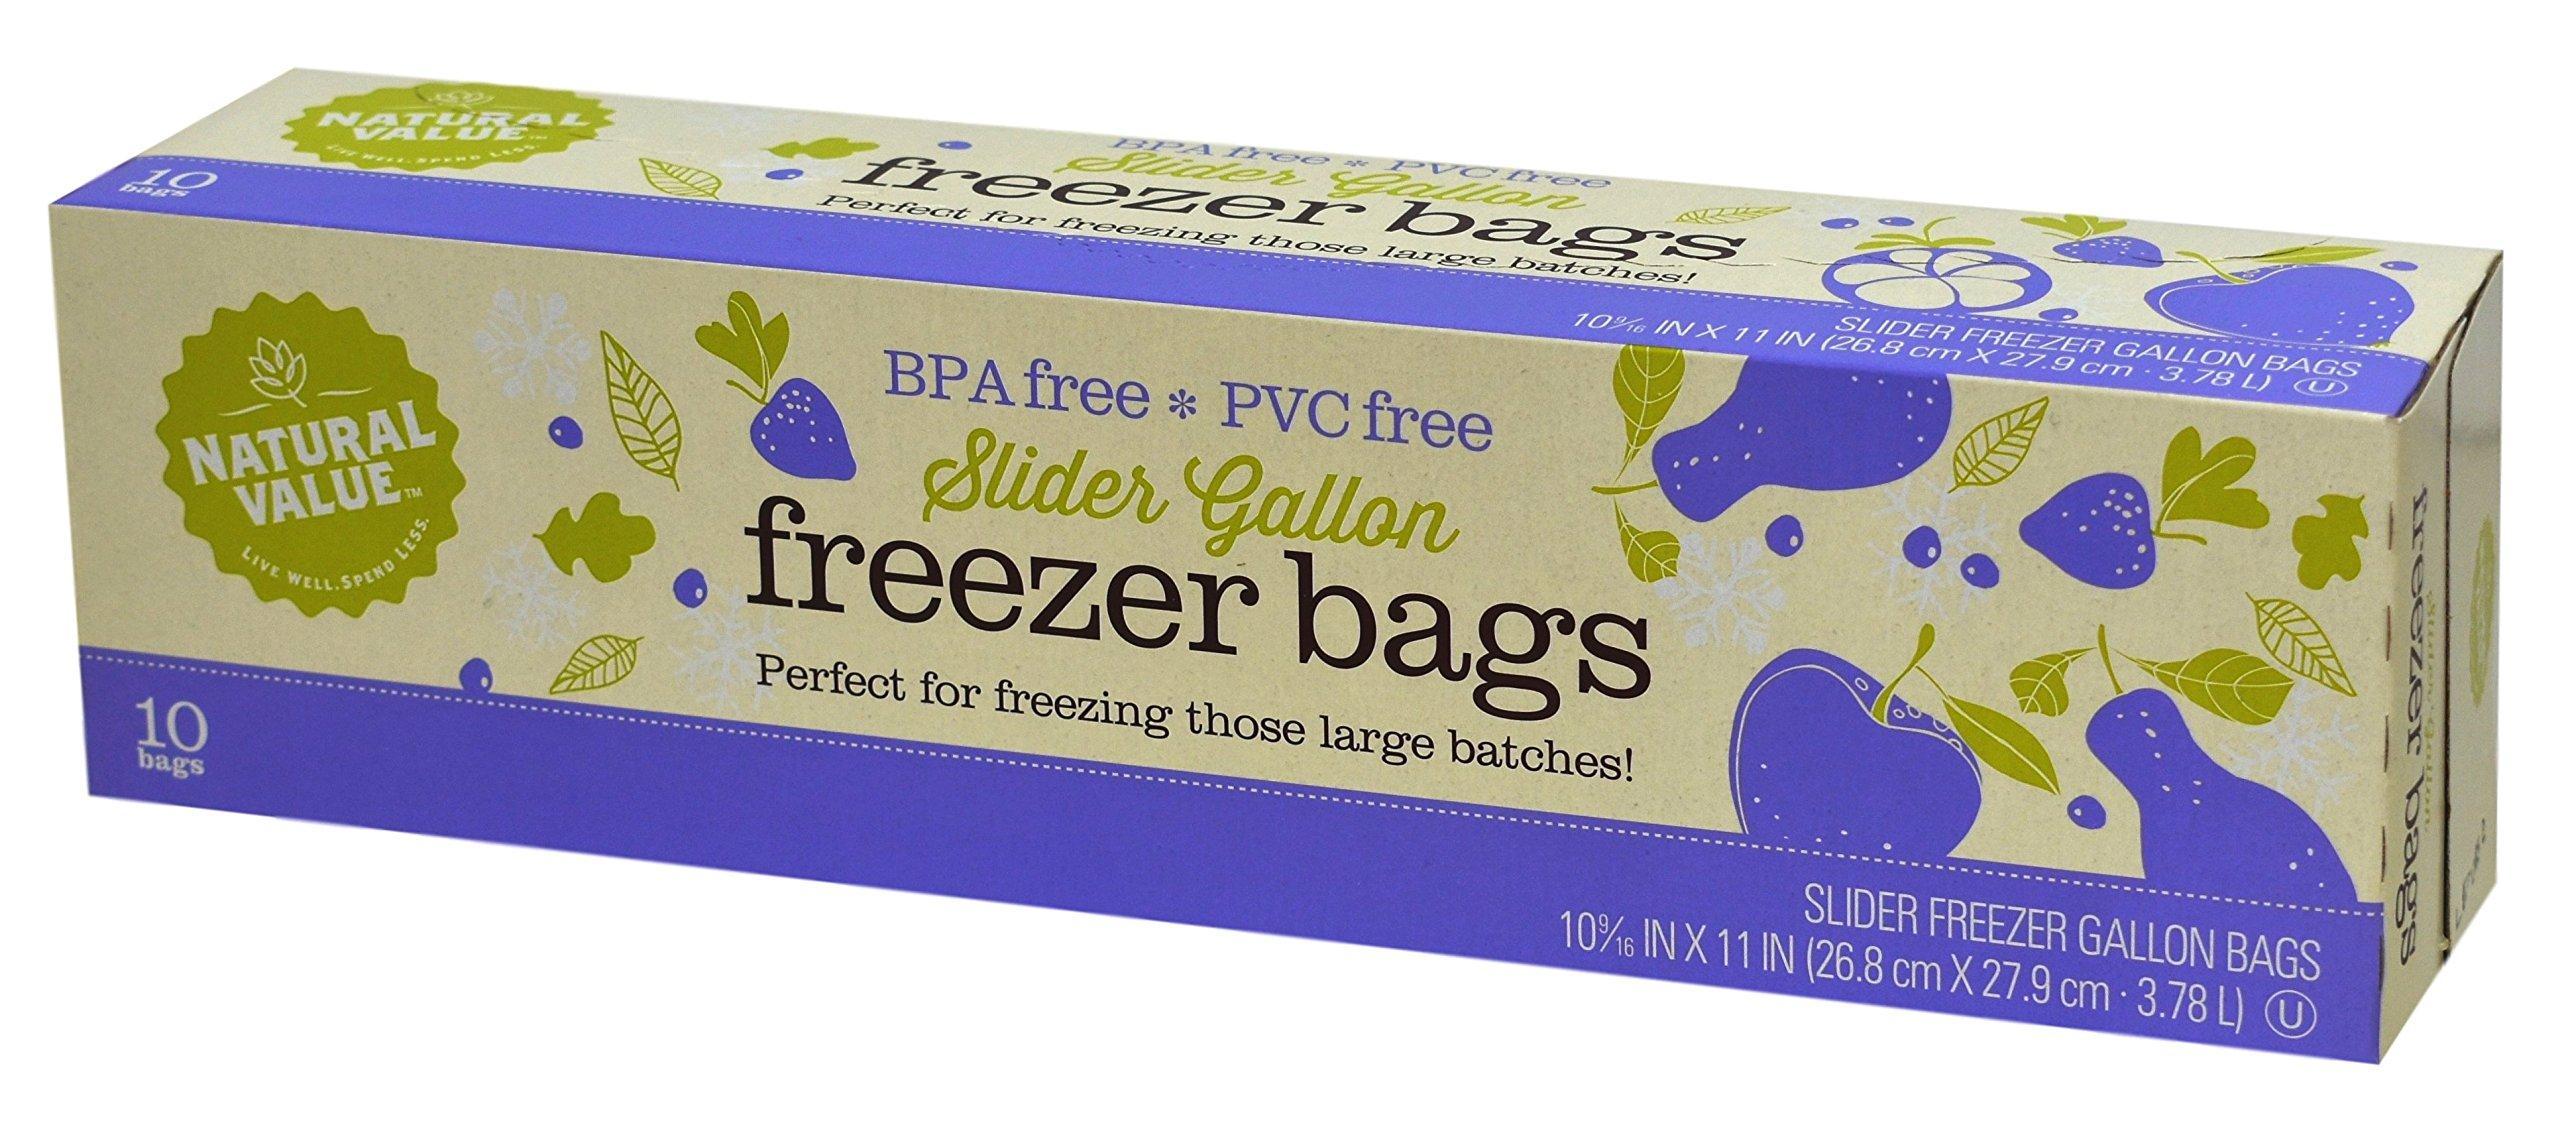 Natural Value Slider Freezer Bags, 10 count